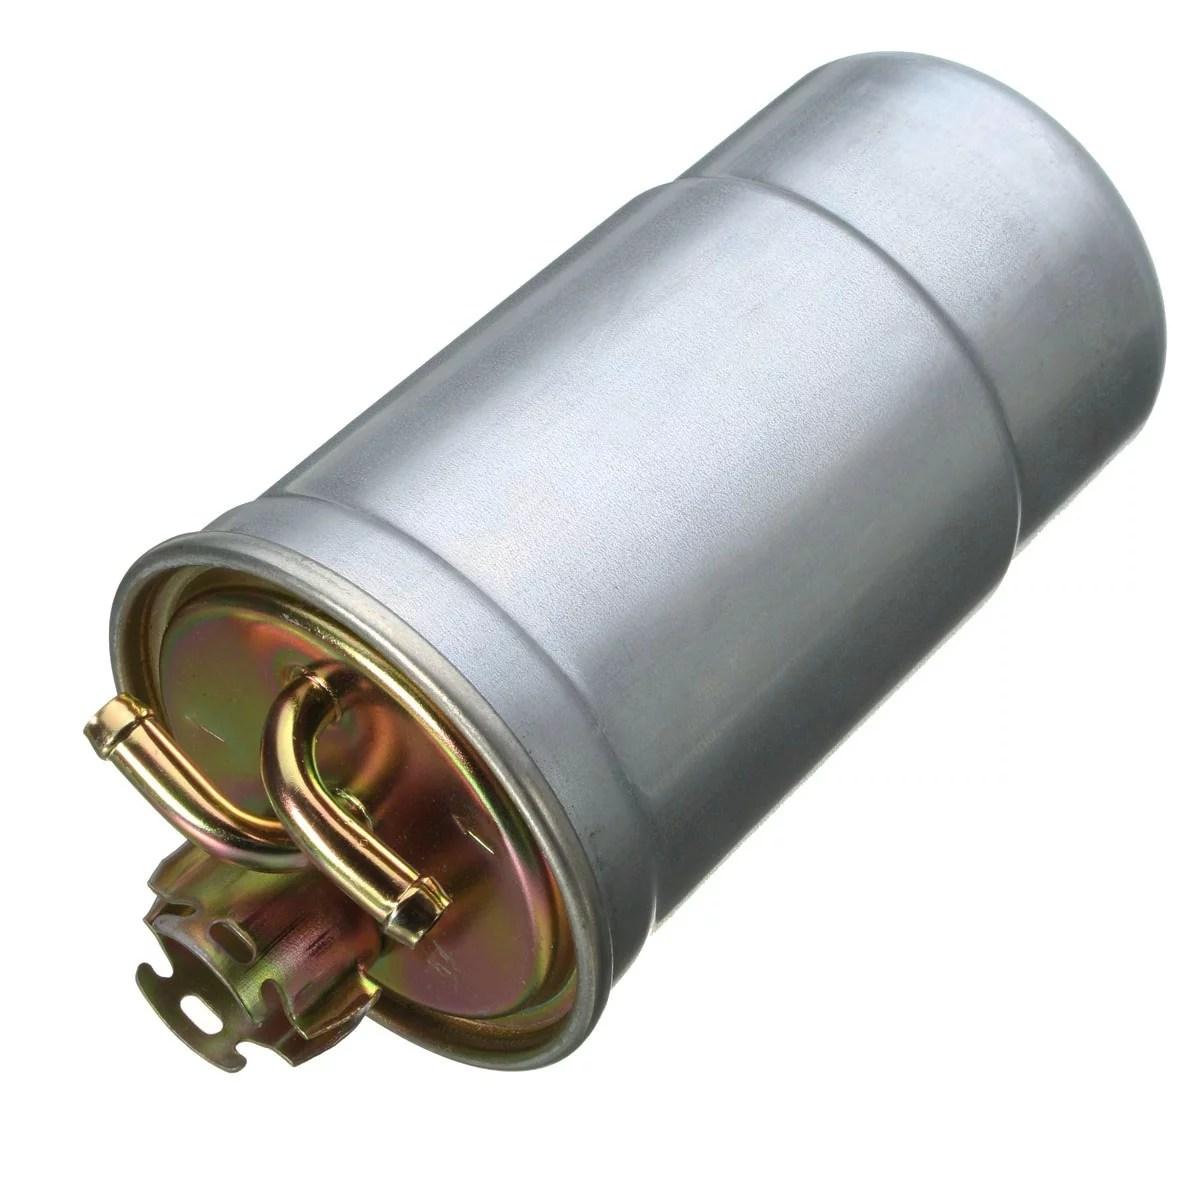 hight resolution of fuel filter for vw beetle golf jetta passat alh bew bhw tdi 1 9 2 0l kl147d us walmart com